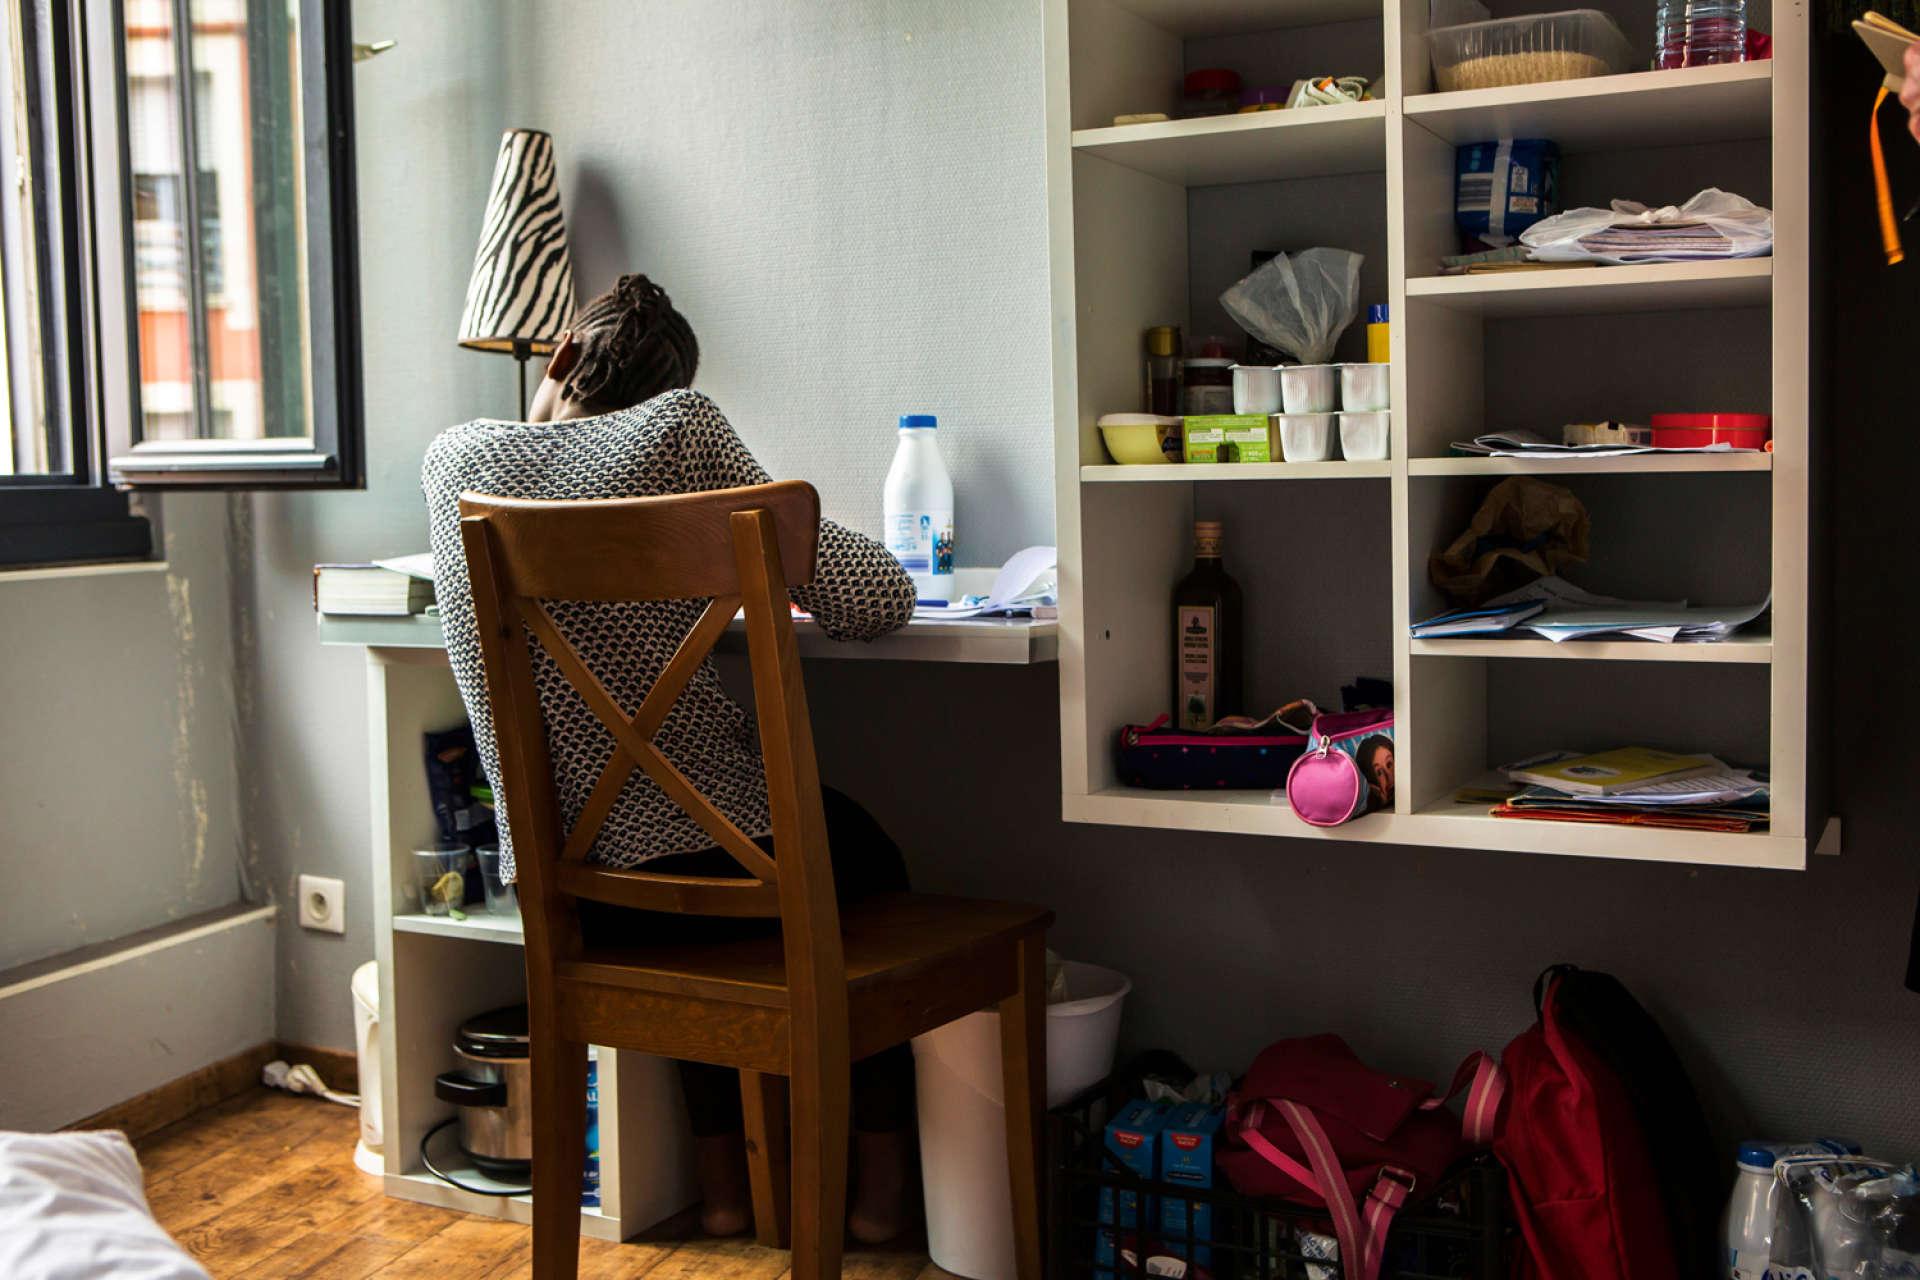 Julienne, la fille de Marie, fait ses devoirs dans la chambre où elle est confinée avec sa mère.